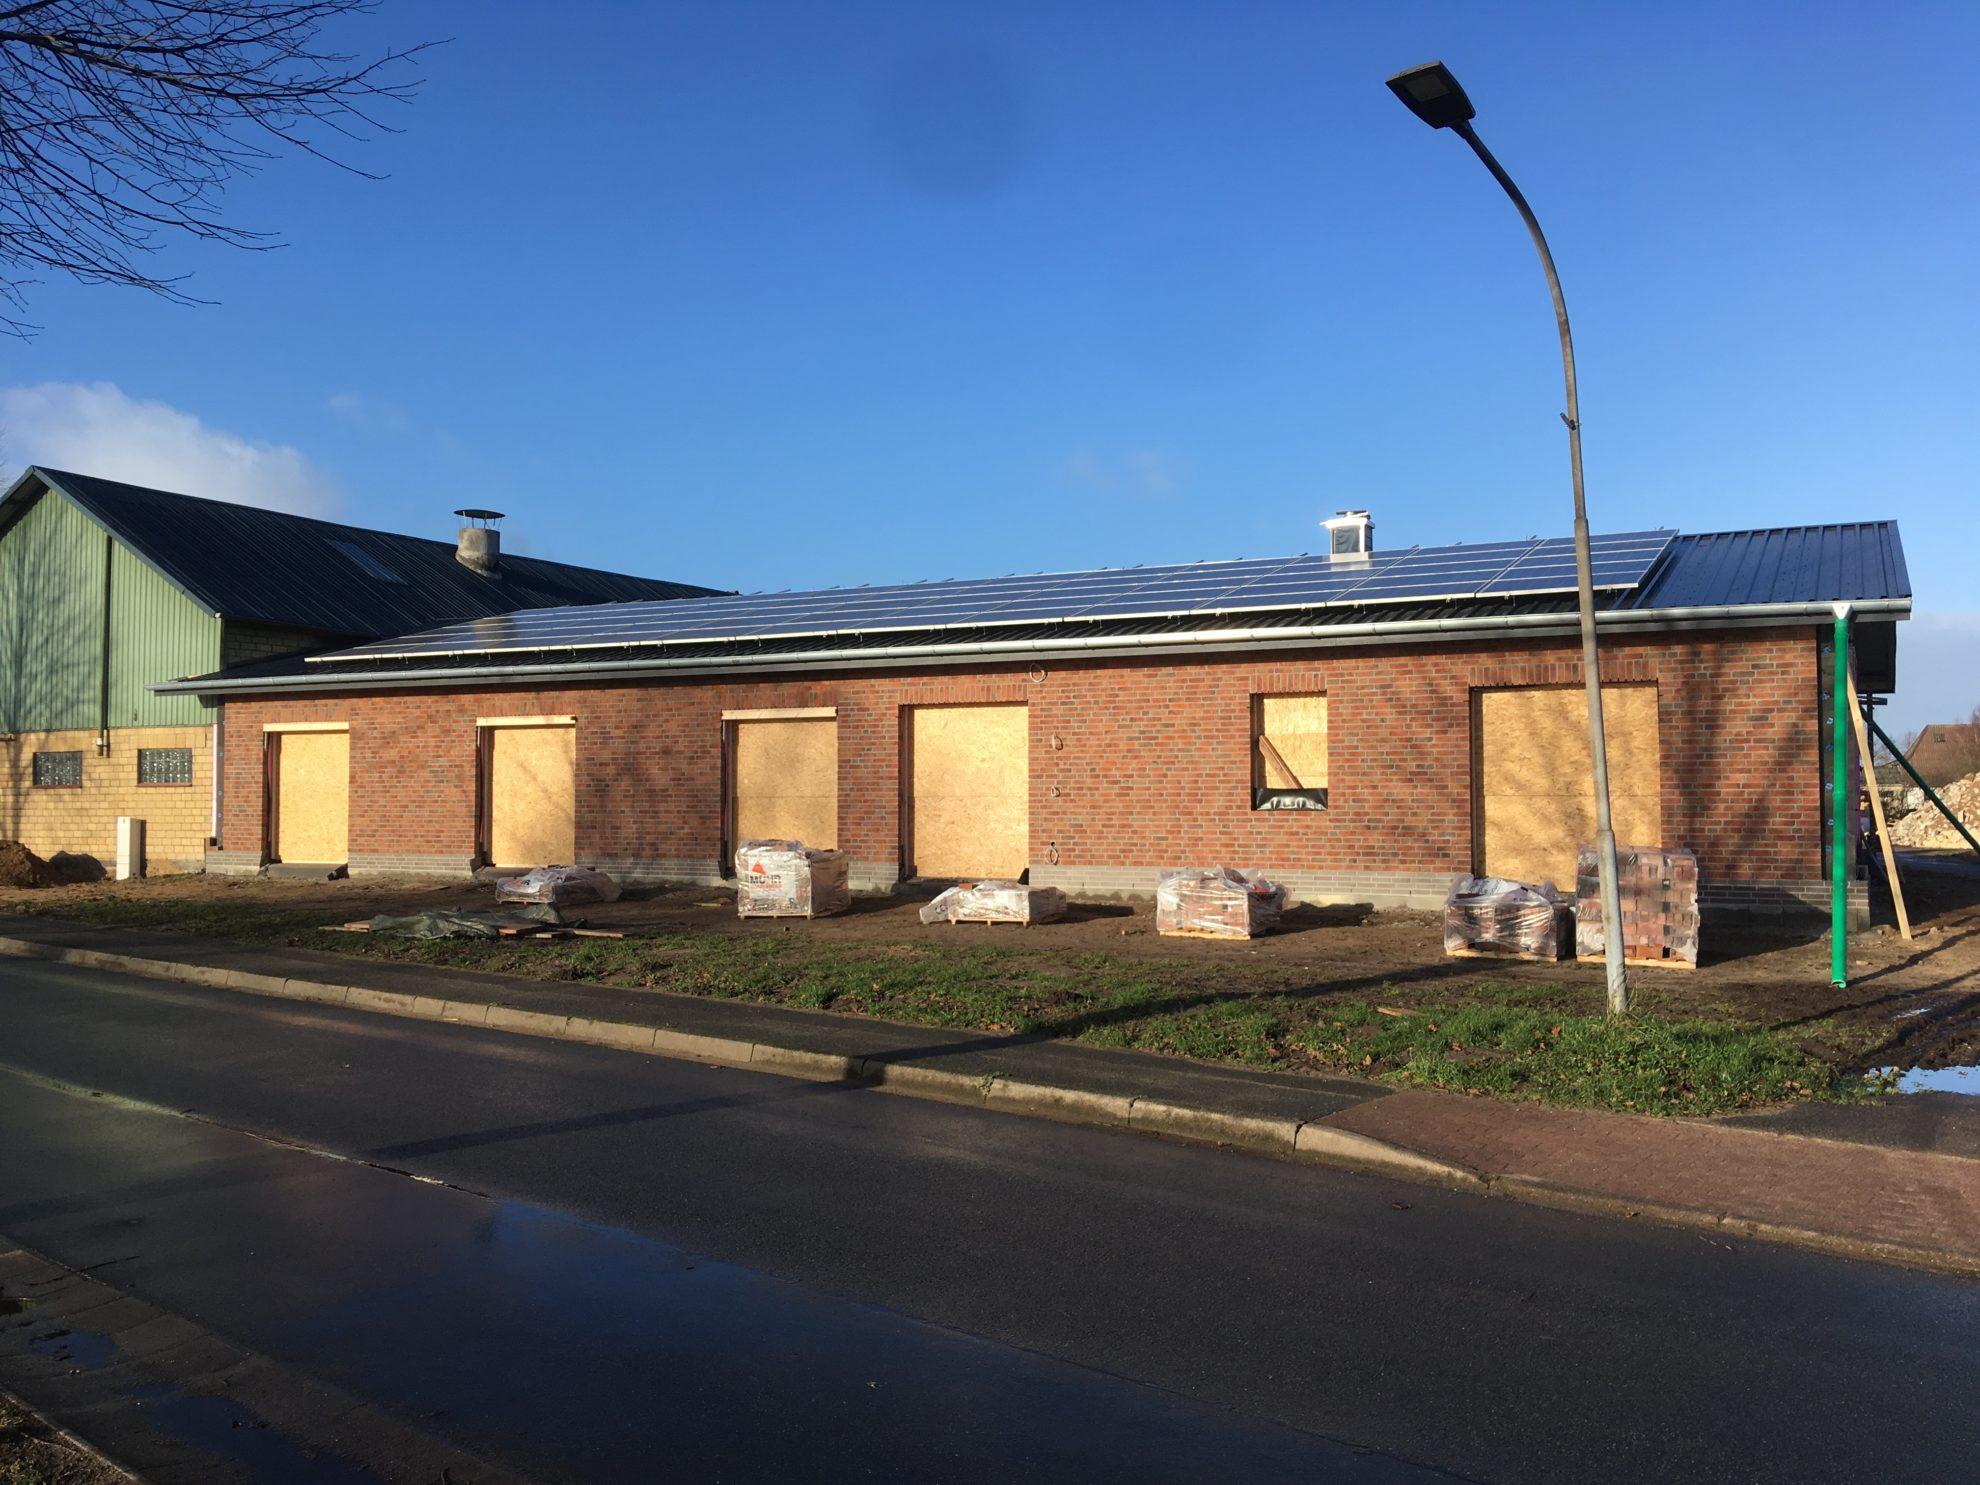 Umbau von Stallungen zu Wohnraum – Foto 4